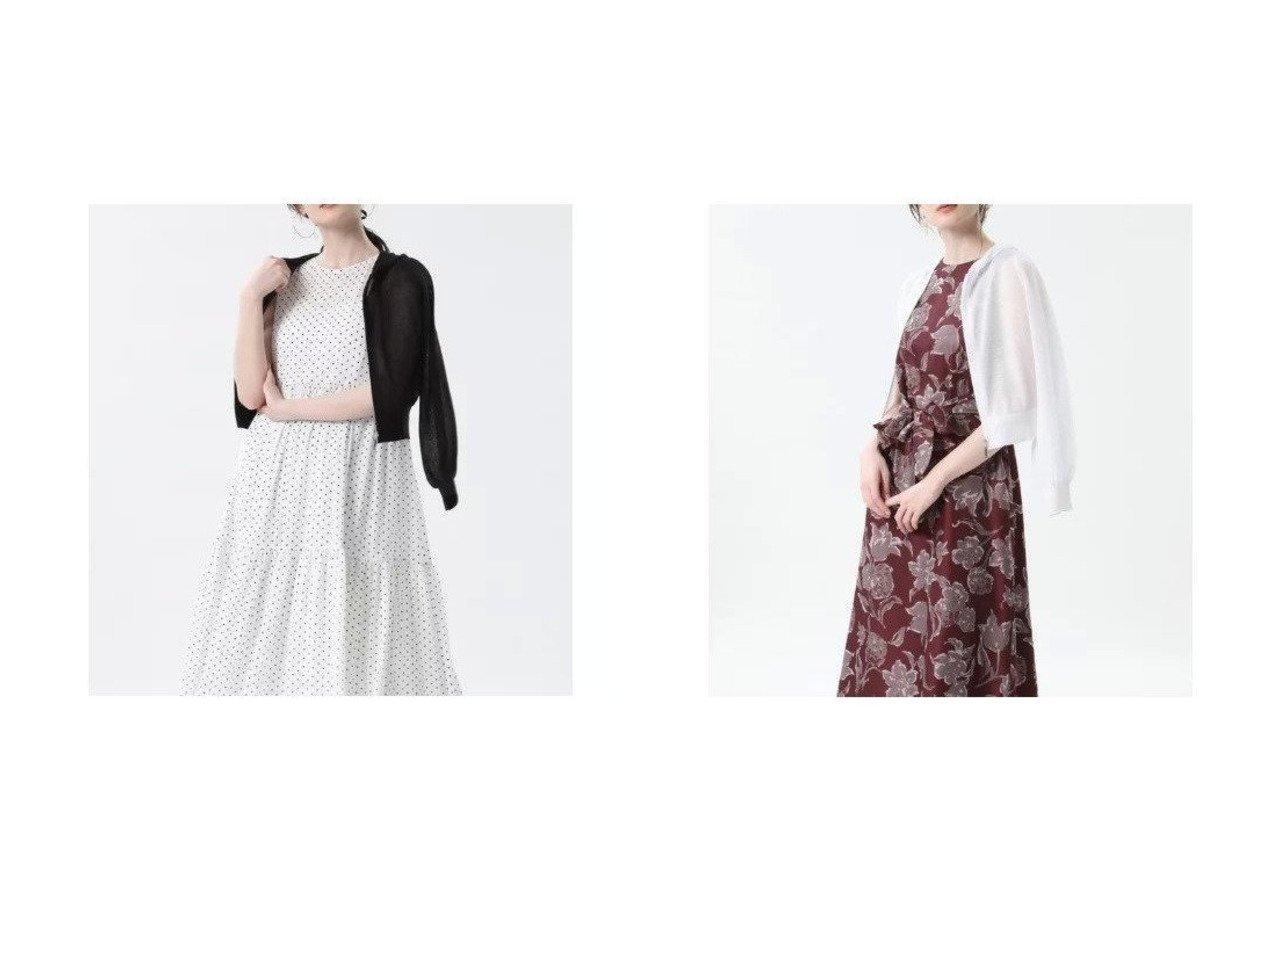 【ef-de/エフデ】の《Maglie par ef-de》シアーパーカー 【トップス・カットソー】おすすめ!人気、トレンド・レディースファッションの通販 おすすめで人気の流行・トレンド、ファッションの通販商品 インテリア・家具・メンズファッション・キッズファッション・レディースファッション・服の通販 founy(ファニー) https://founy.com/ ファッション Fashion レディースファッション WOMEN トップス・カットソー Tops/Tshirt カーディガン Cardigans パーカ Sweats カーディガン コンパクト シアー バランス パーカー フェミニン  ID:crp329100000049536